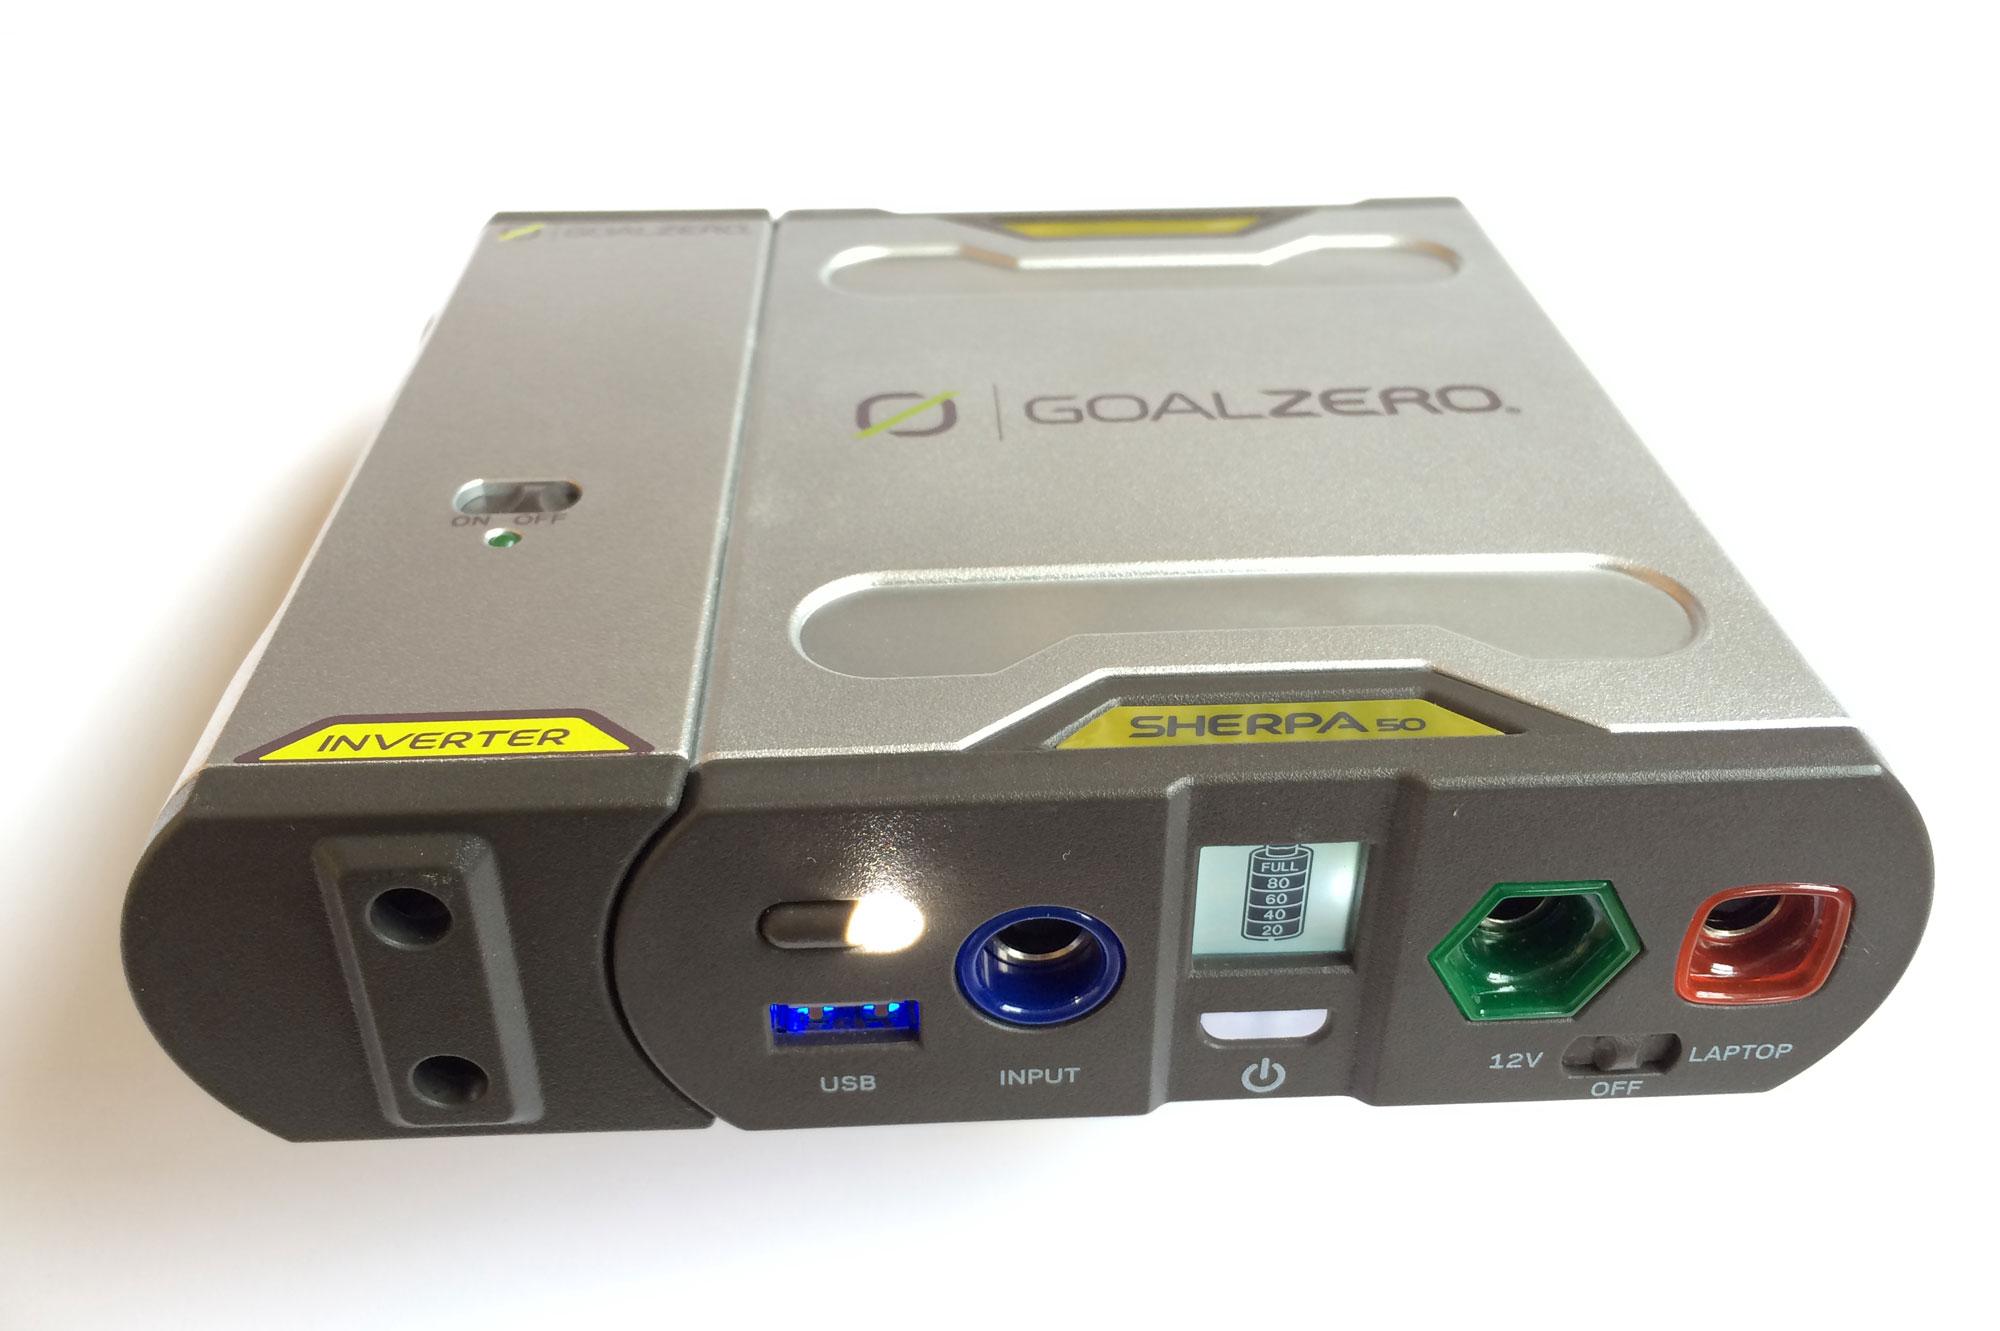 Le rechargeur Goal Zero Sherpa 50. Ph. Moctar KANE.